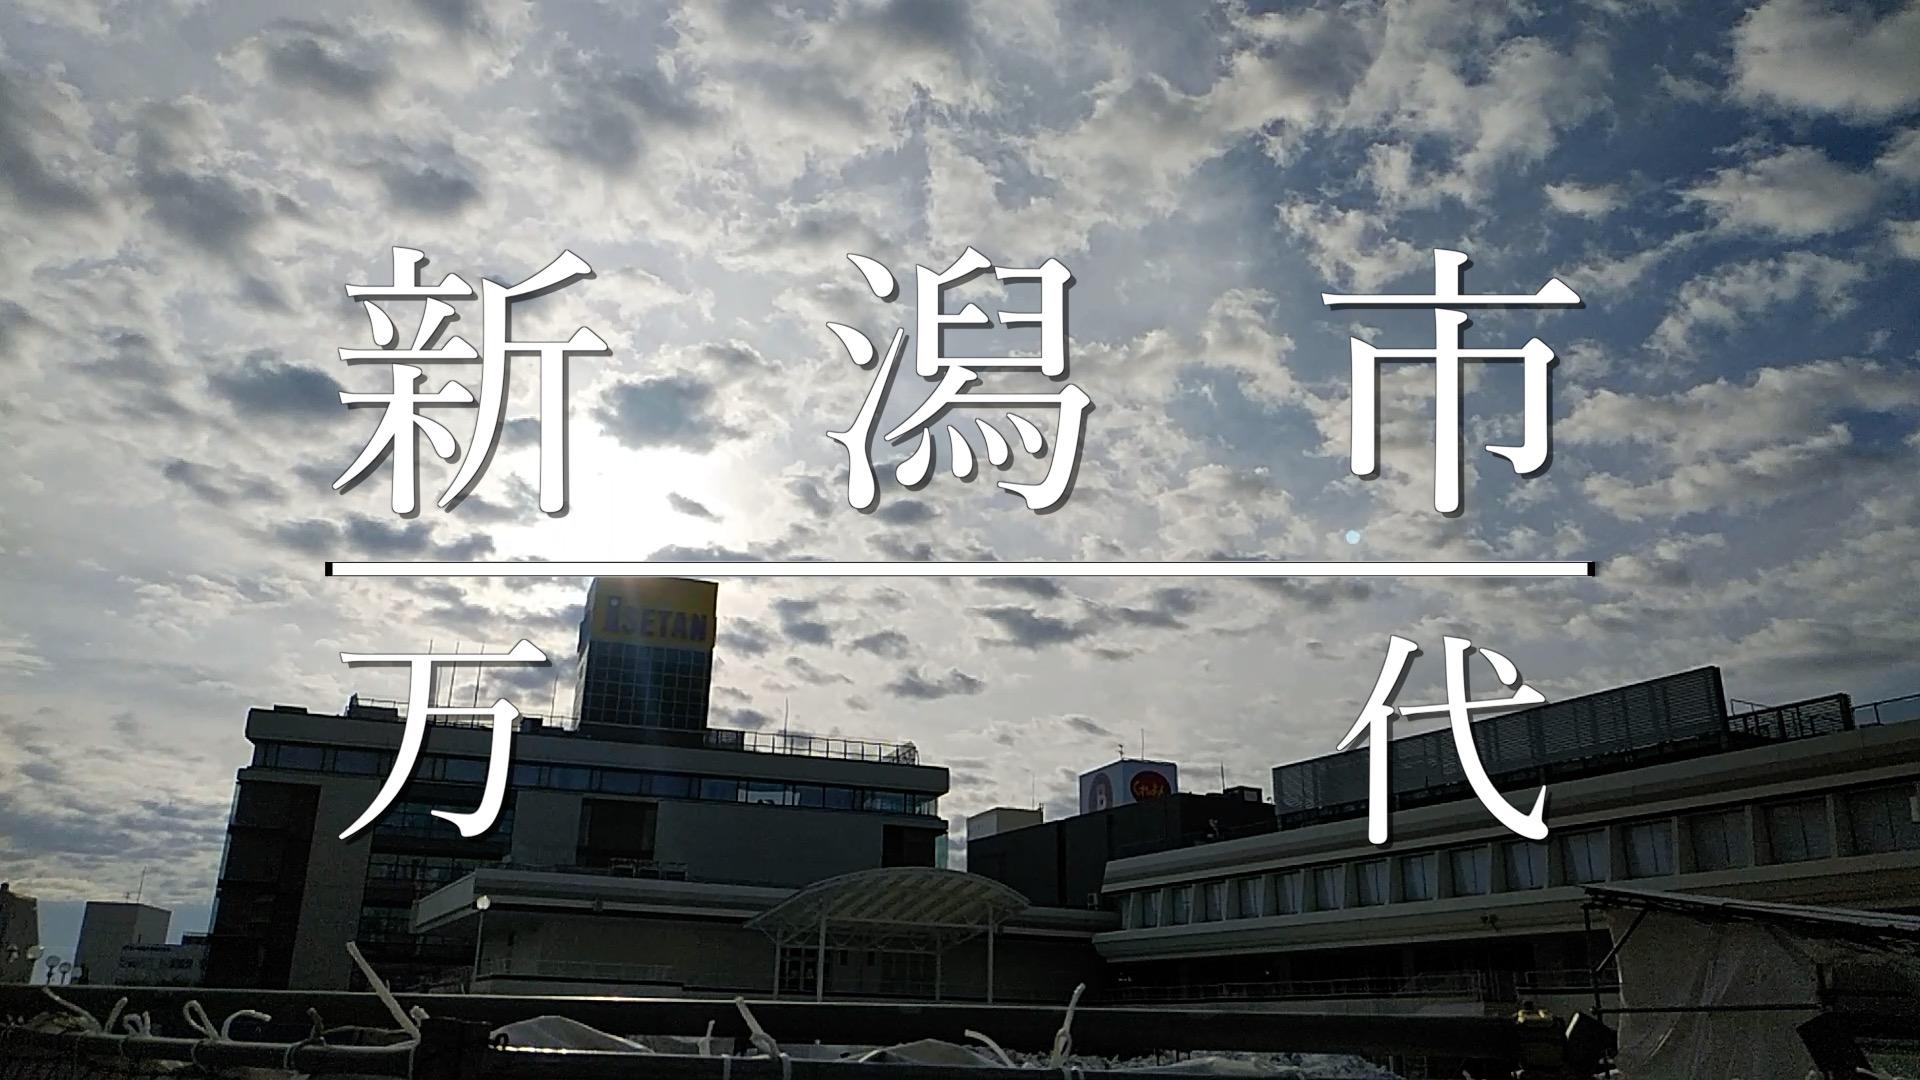 新潟市万代のアイキャッチ画像